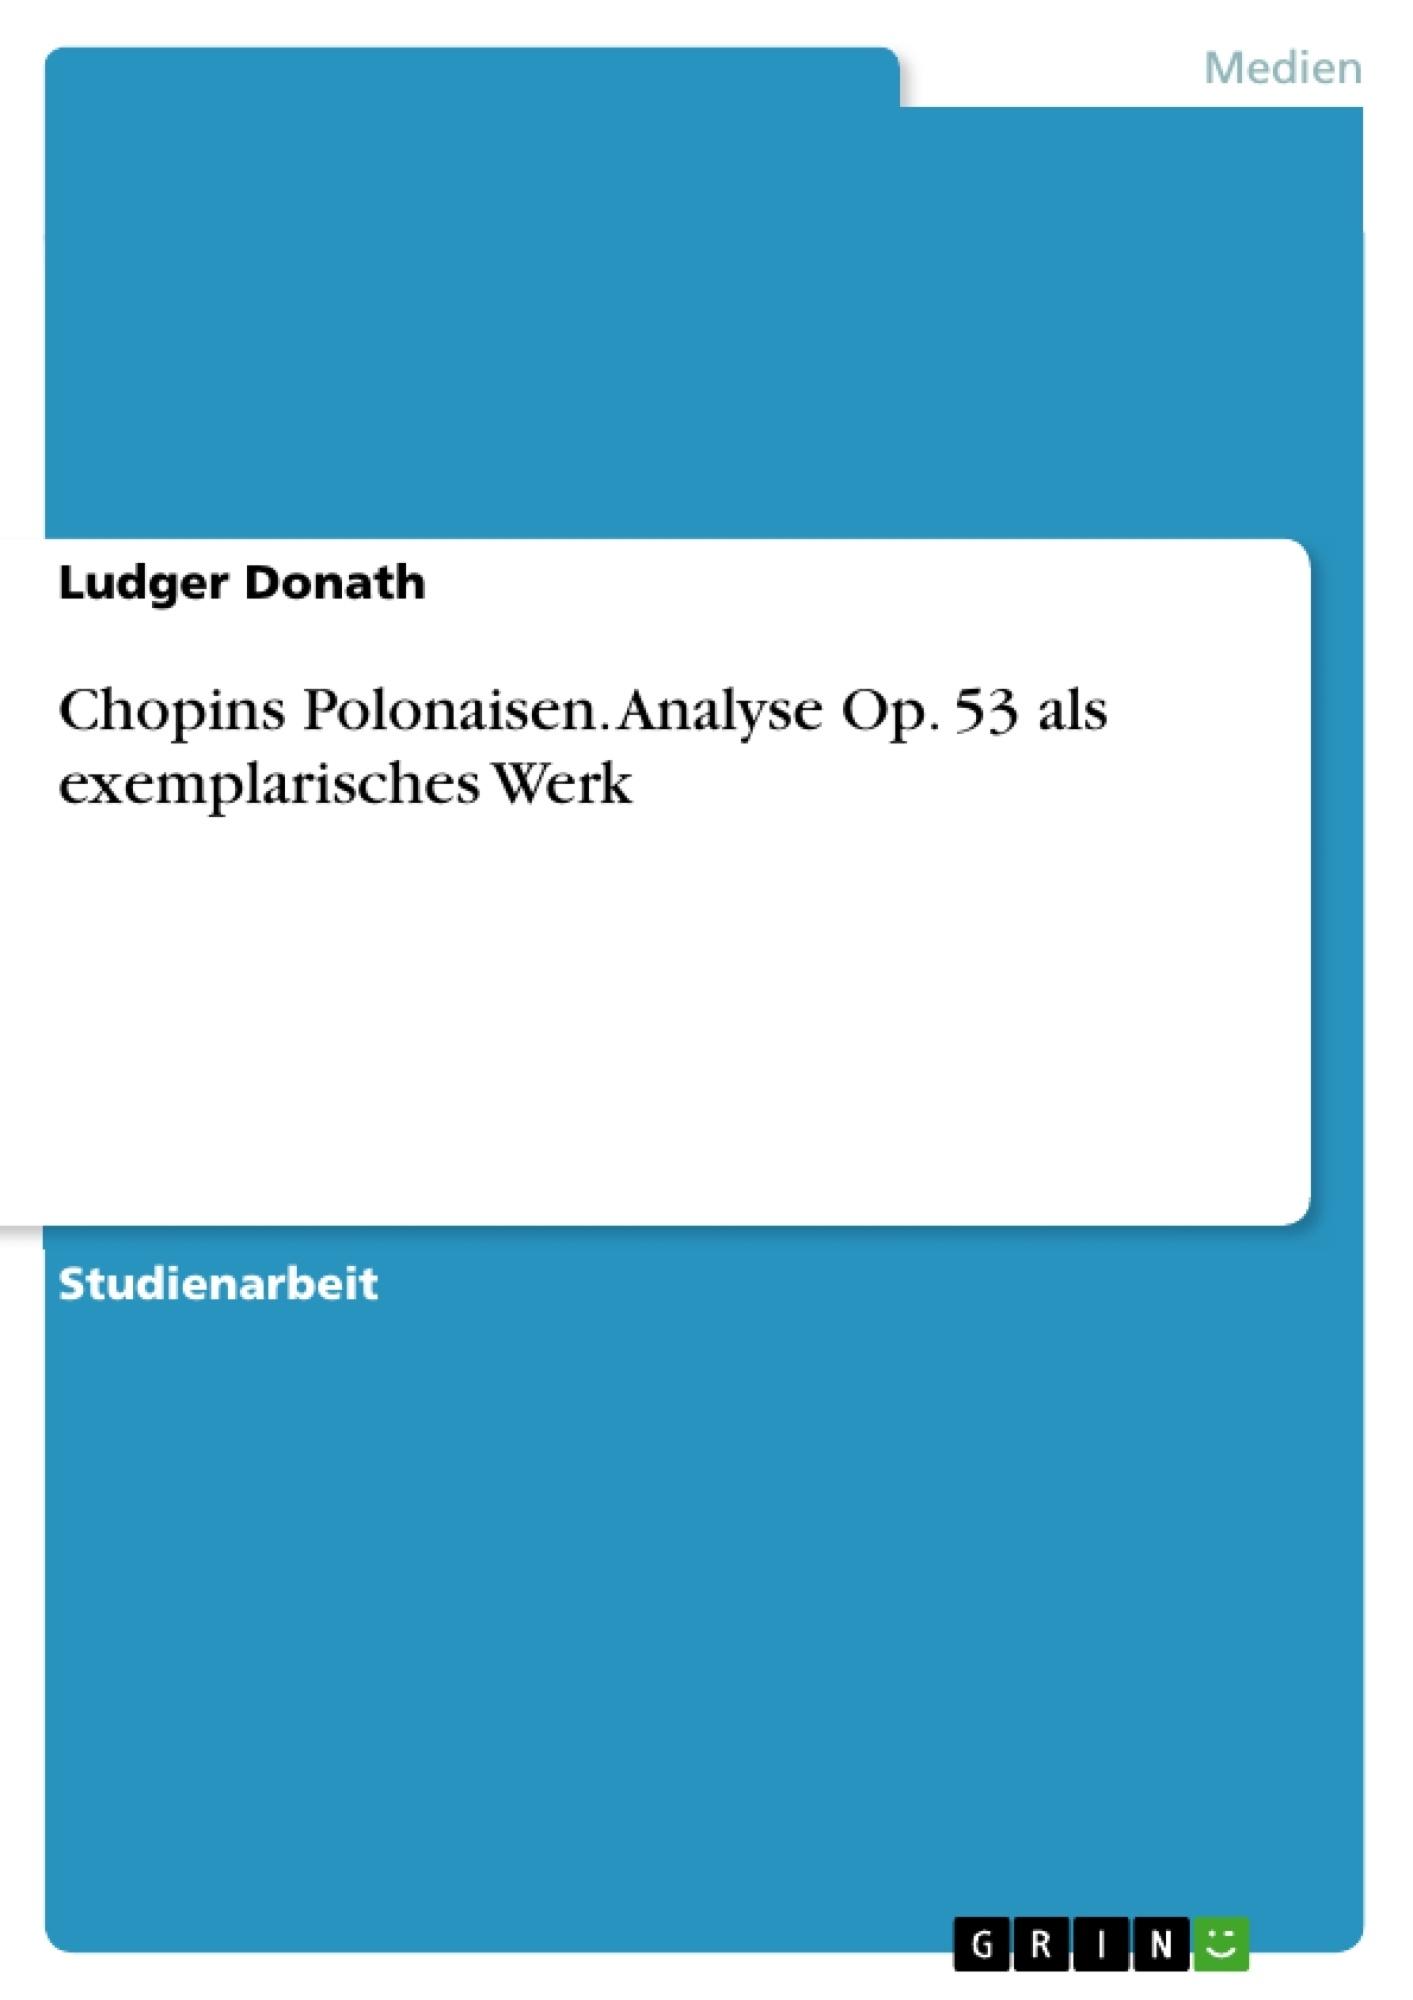 Titel: Chopins Polonaisen. Analyse Op. 53 als exemplarisches Werk